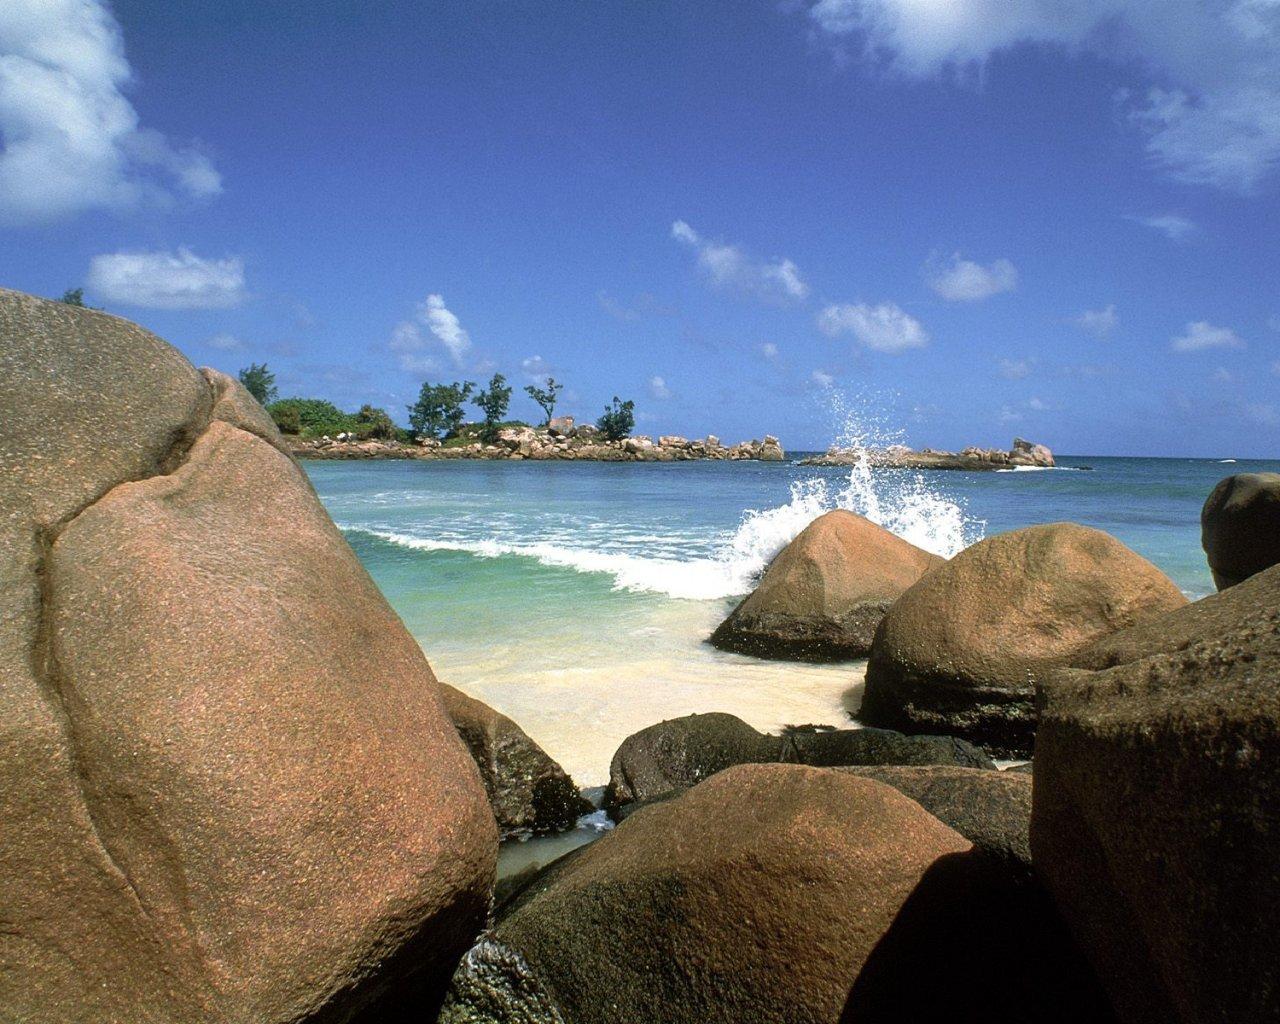 11274 скачать обои Пейзаж, Вода, Камни, Море, Пляж - заставки и картинки бесплатно